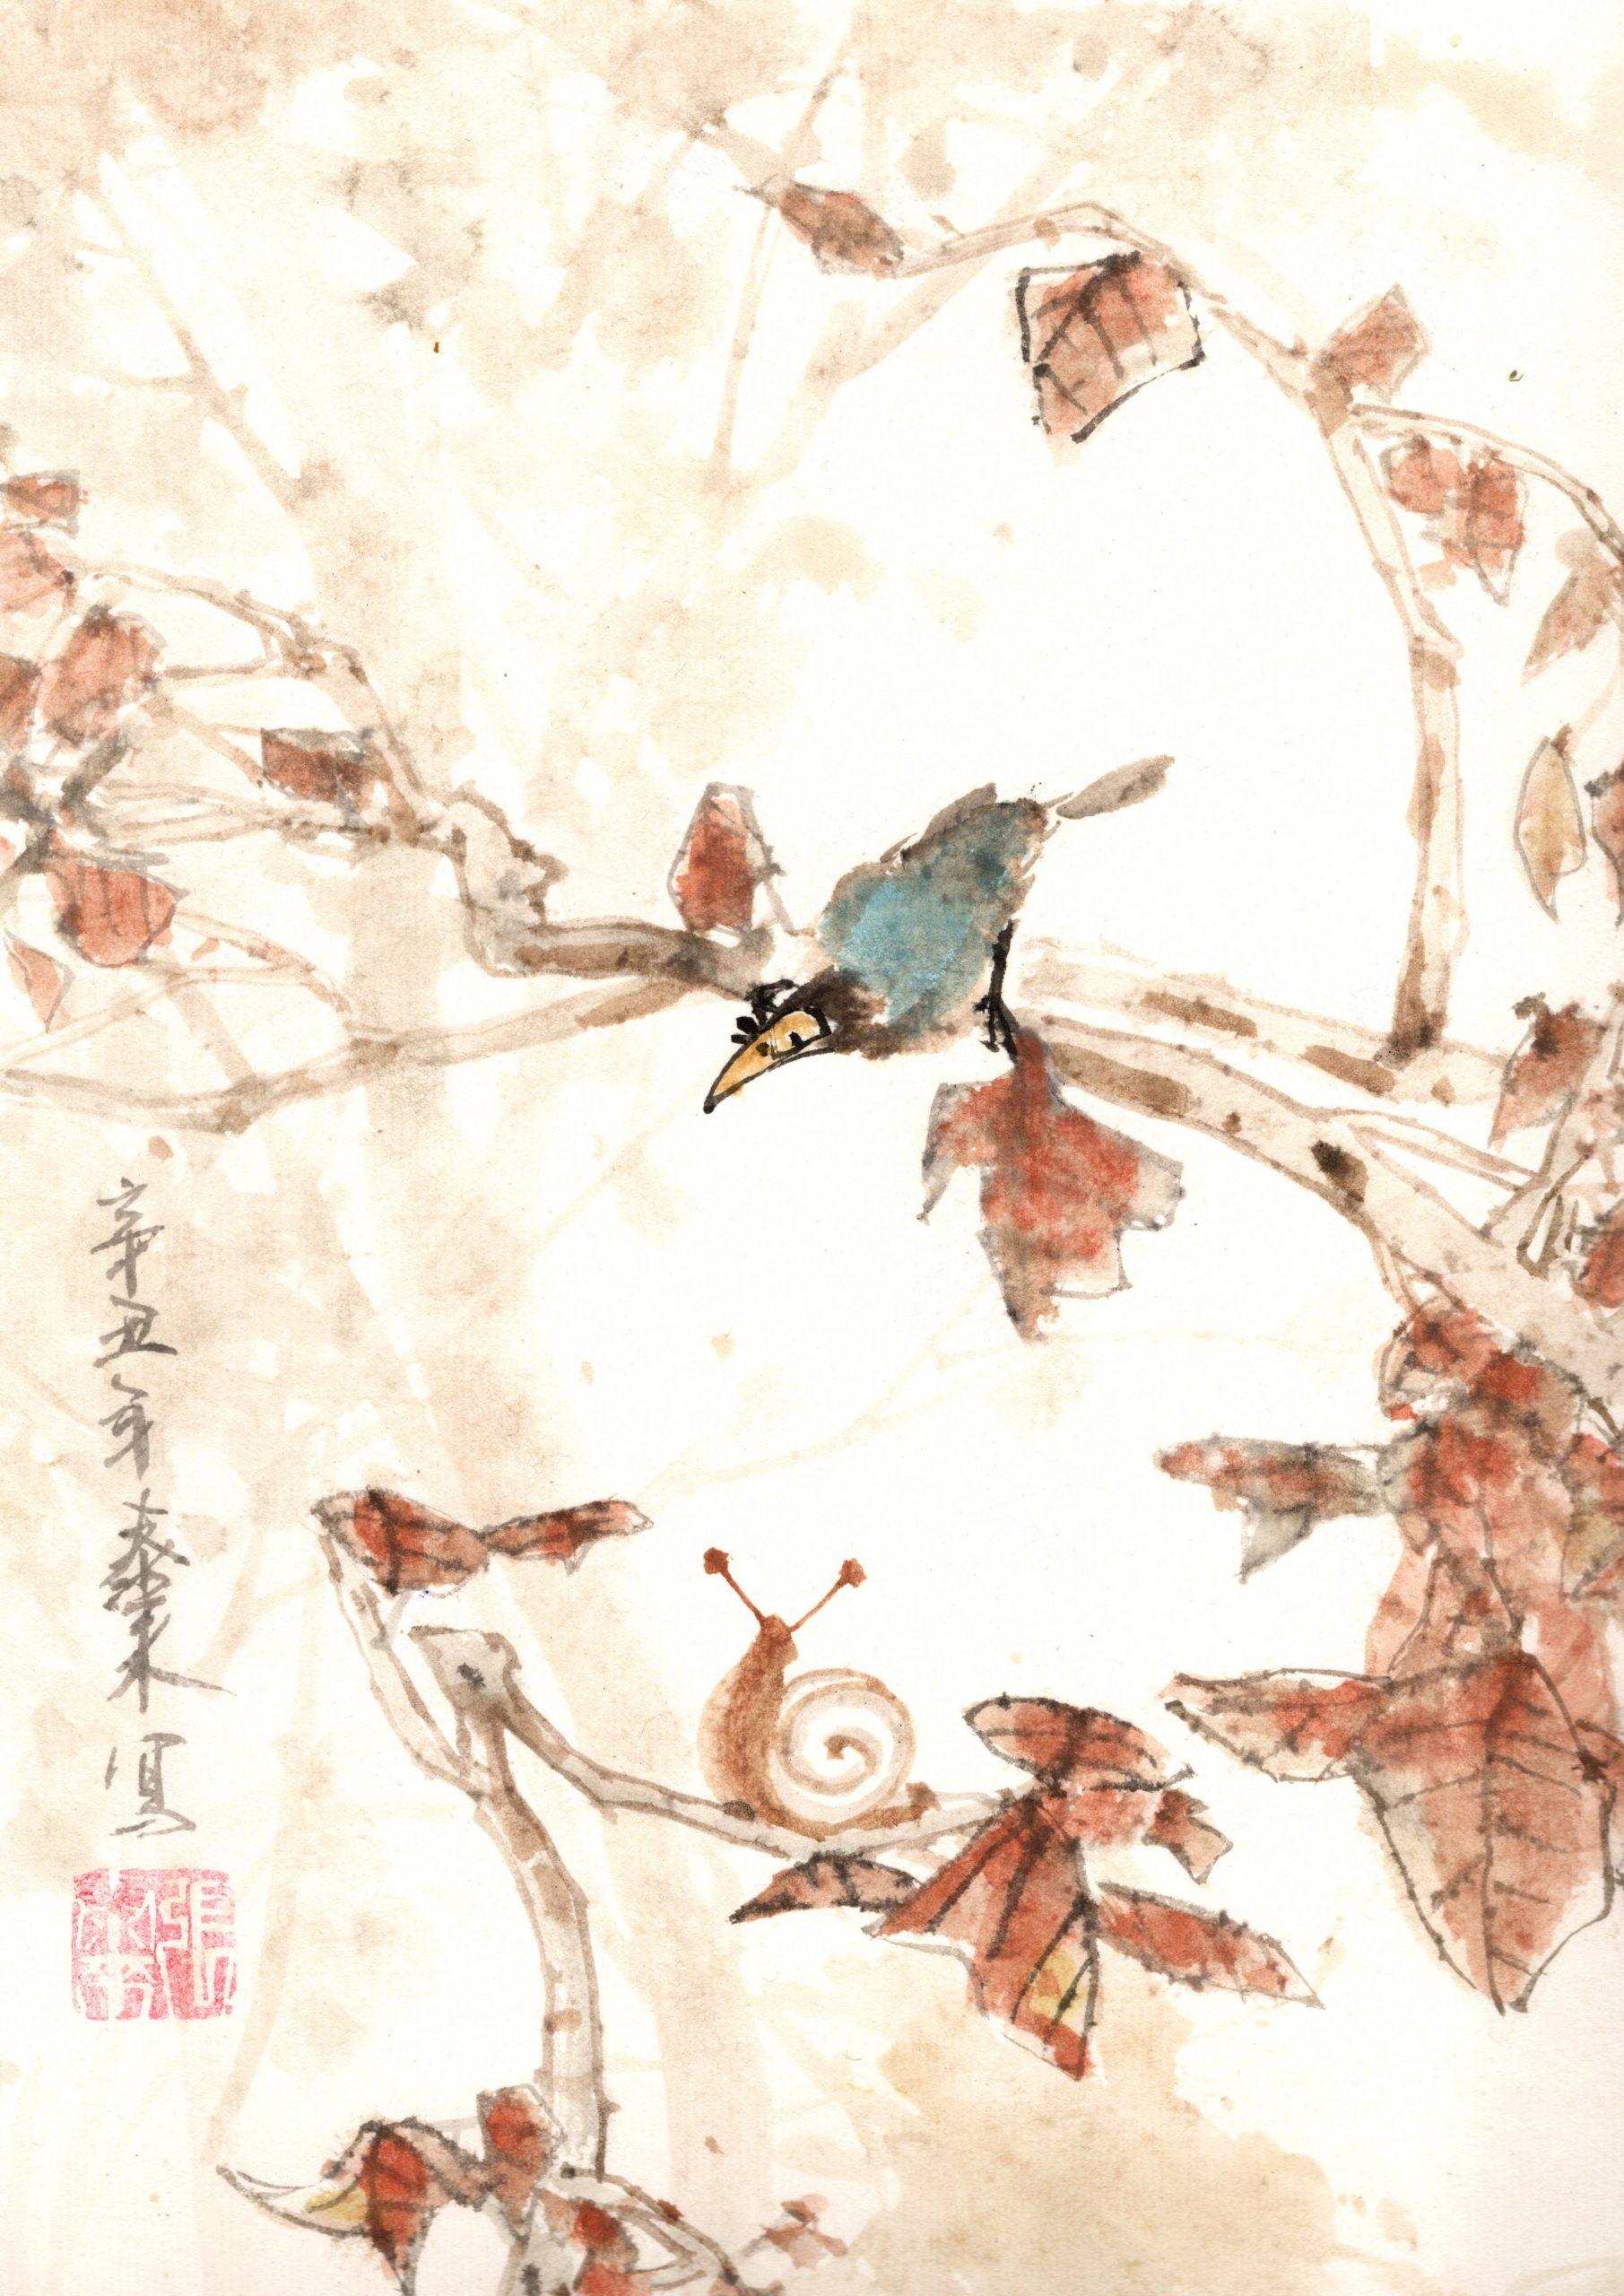 blauer Vogel schnecke blue bird snail chinese japanese ink sumie painting chinesische japanische Tusche Zeichnung Malerei Kunst